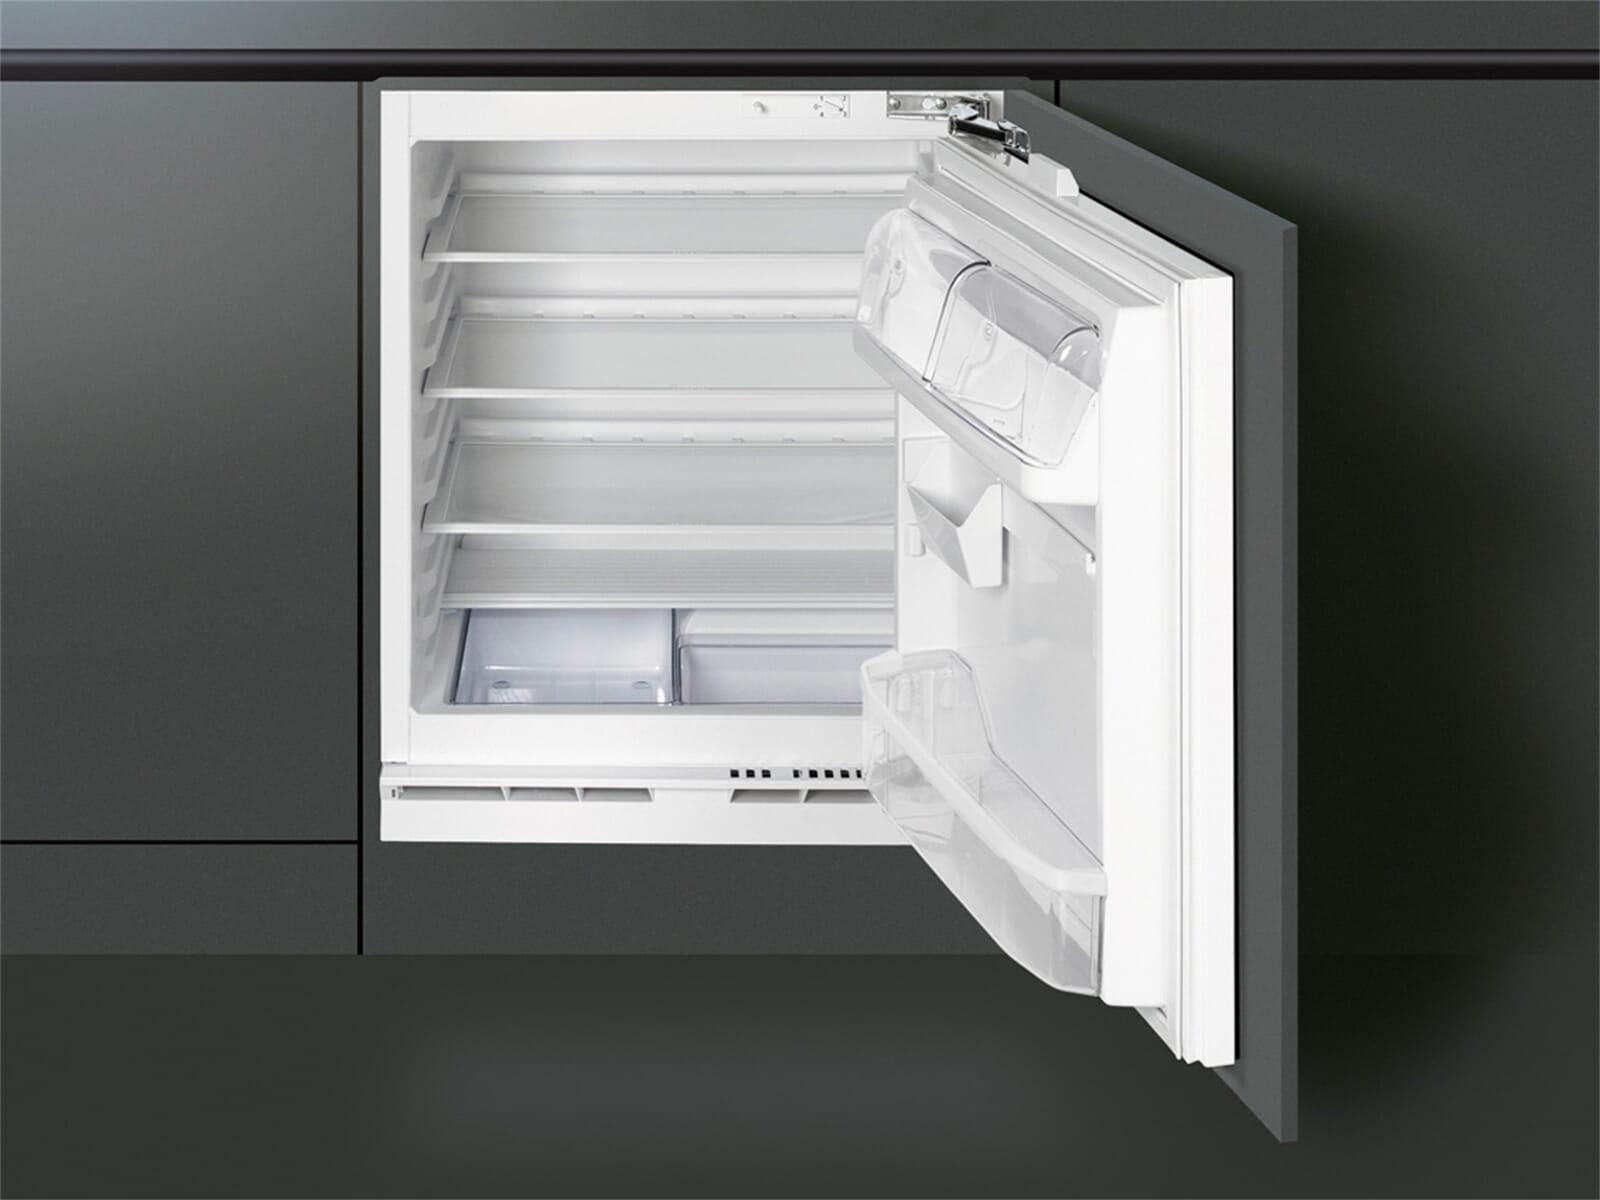 Side By Side Kühlschrank Geringe Tiefe : Kühlschrank mit geringer tiefe sparen samsung side by side